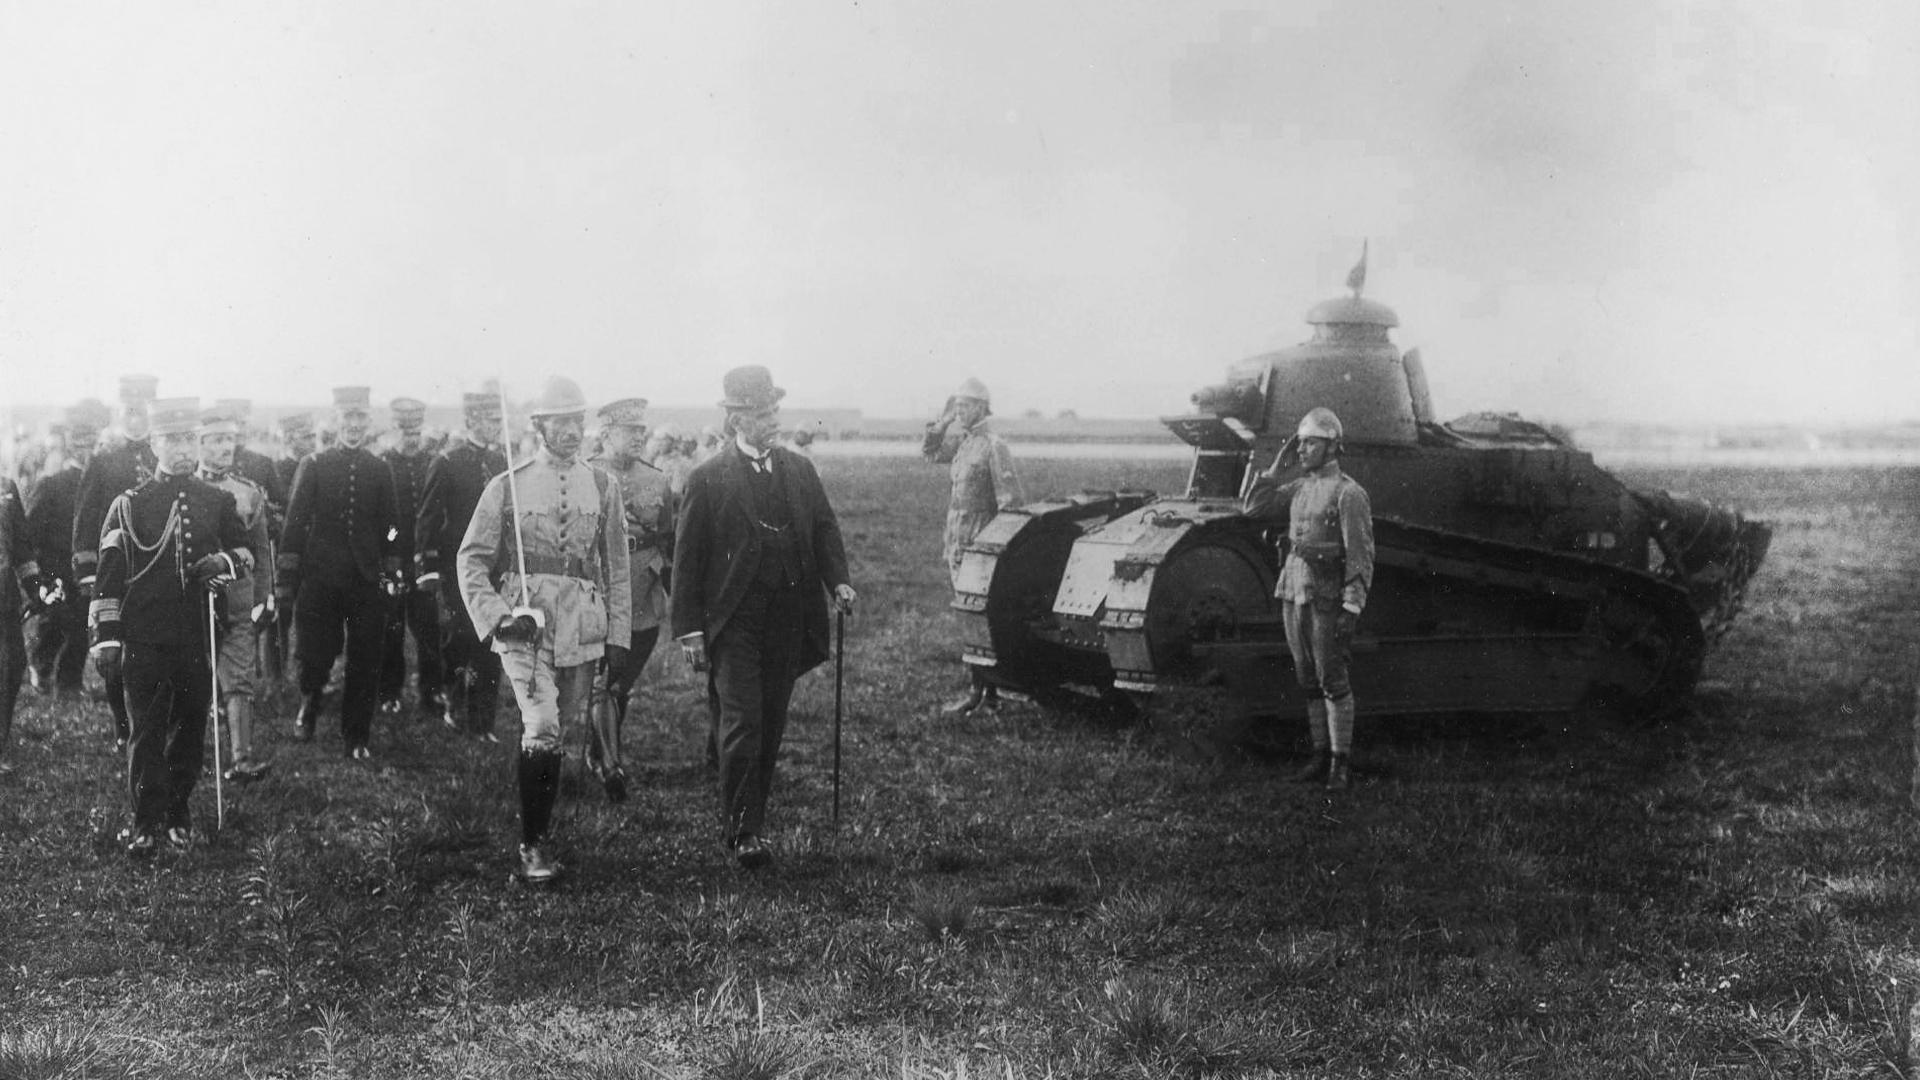 Washington Luís inspeciona blindados do Exército